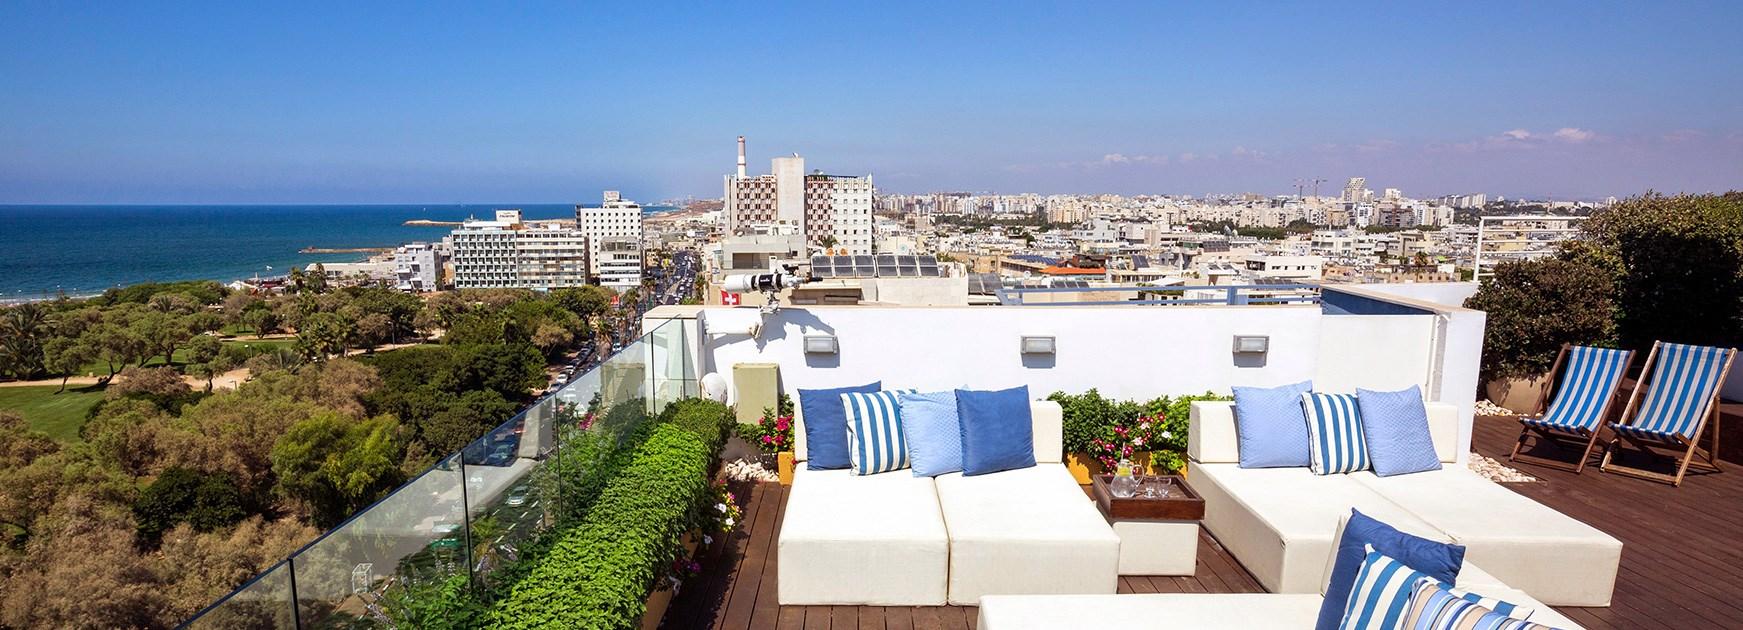 melody-hotel-telaviv-header-1-